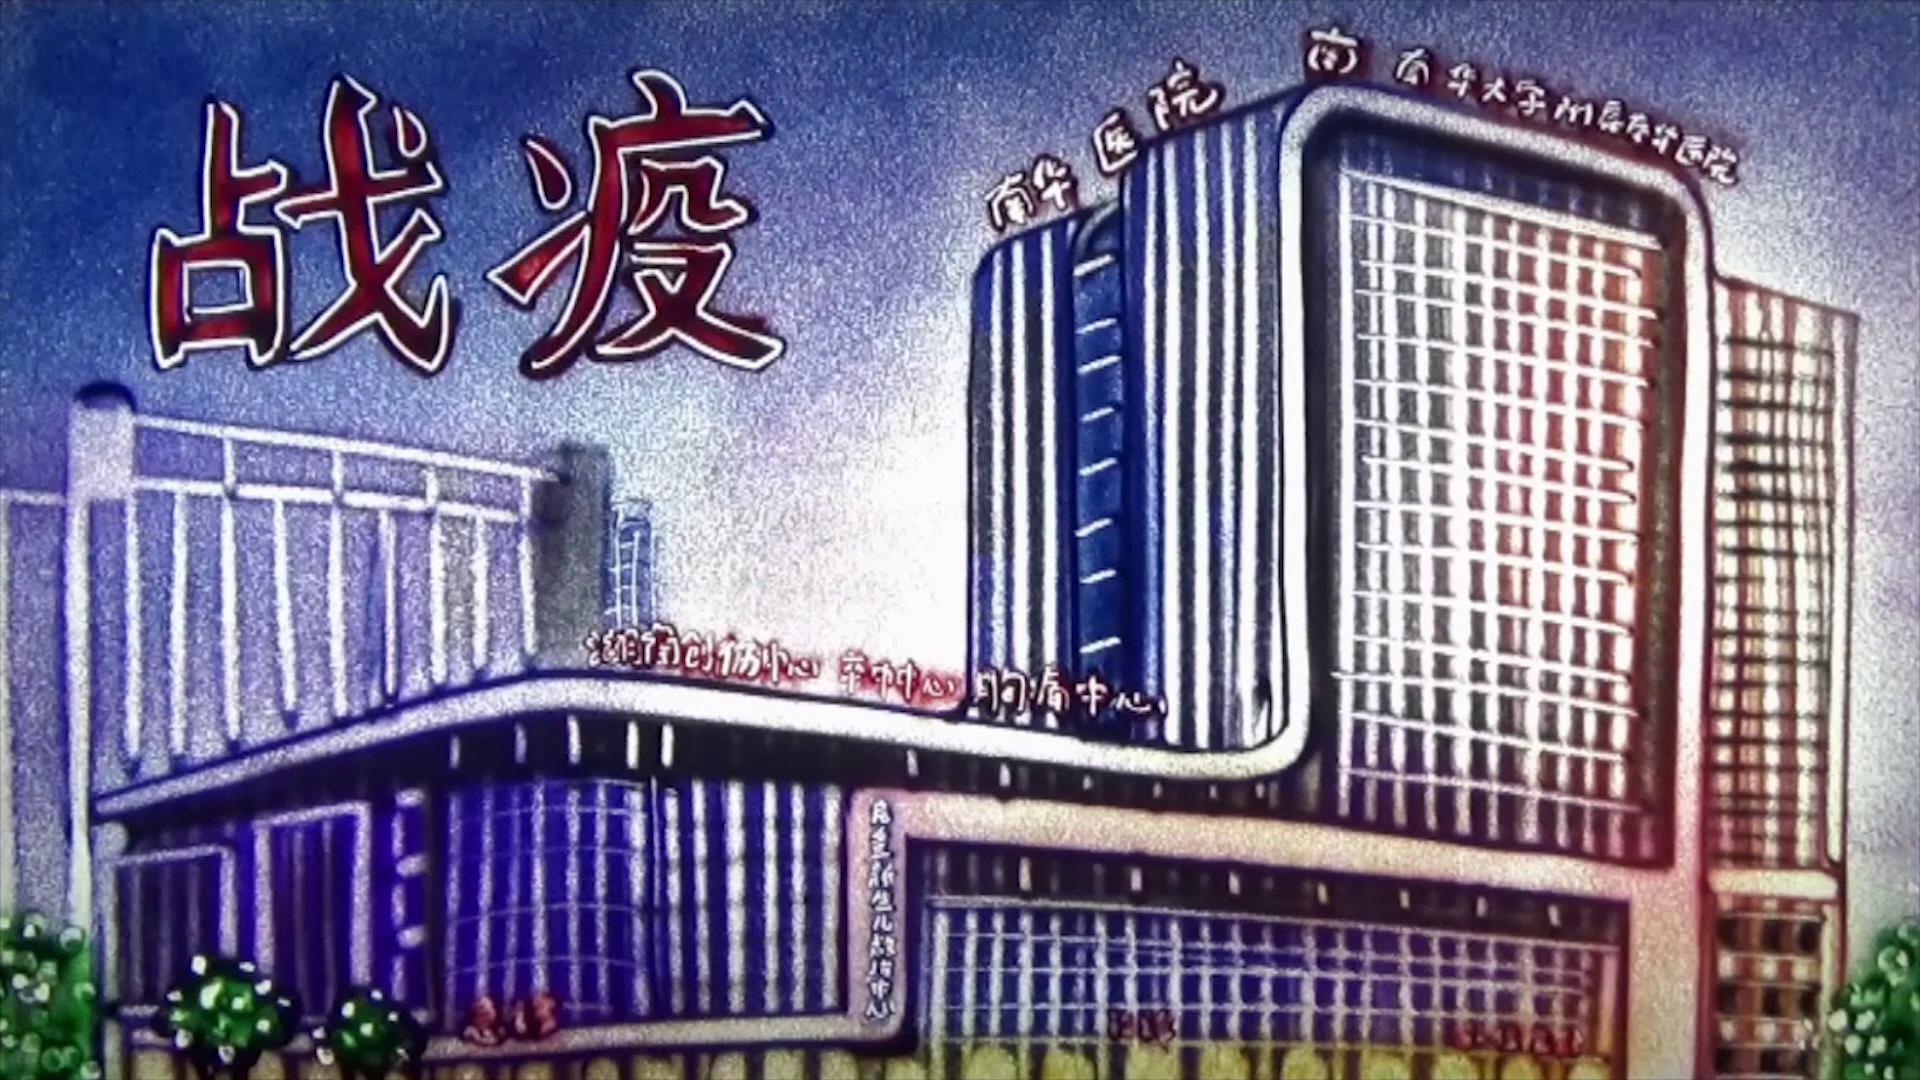 众志成城抗疫情(高清)封面图.jpg